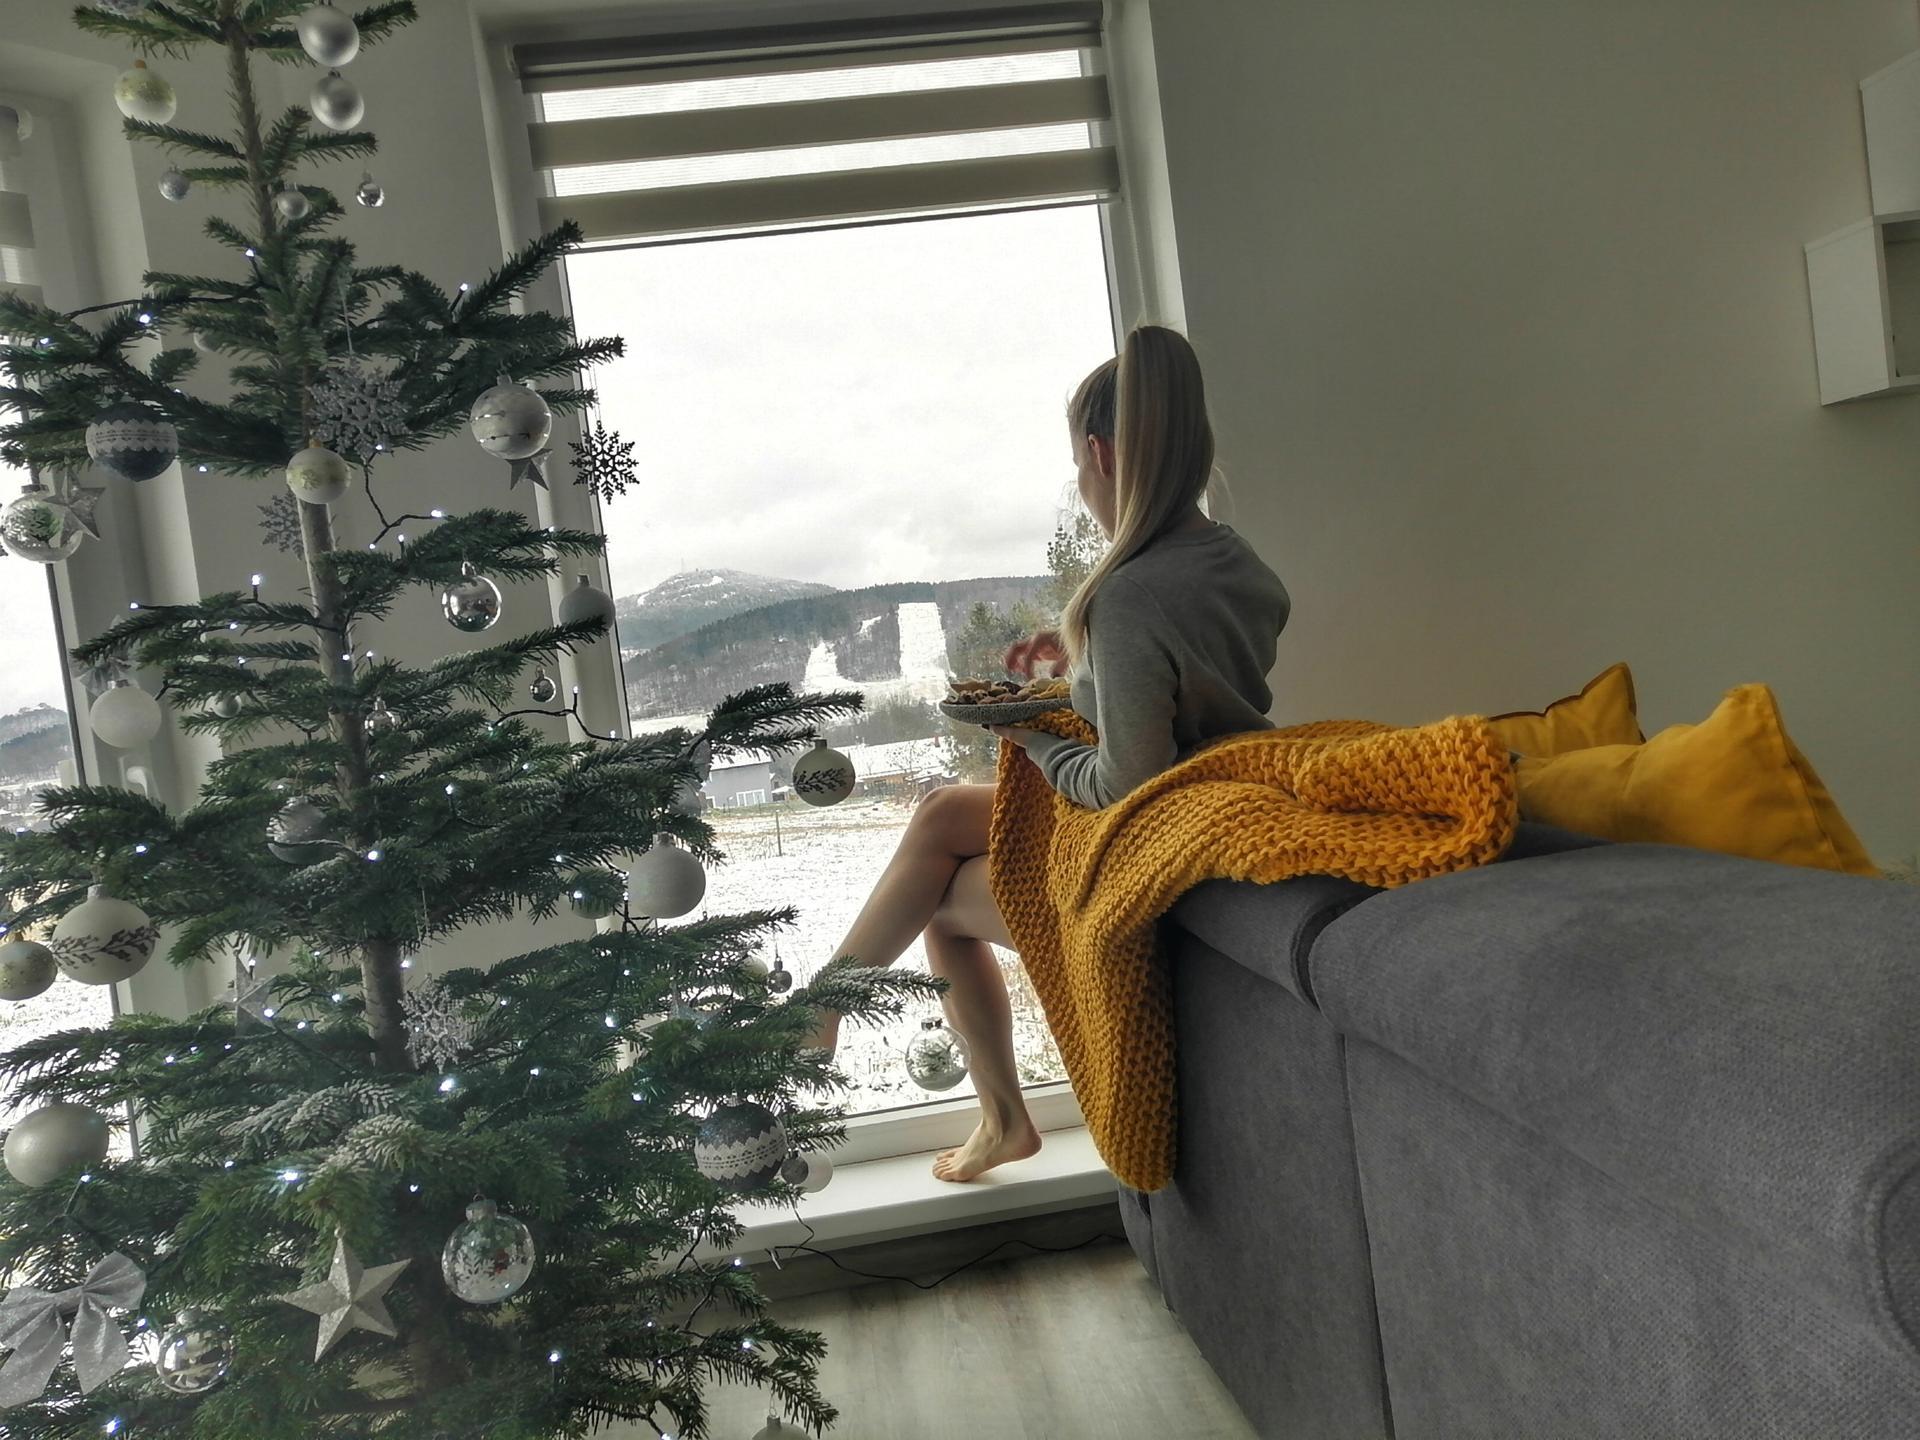 Pro nás to byly první společné a také nejkrásnější Vánoce. Máme jakž takž zařízeno a konečně se tu pomalu začínám cítit jako doma. Všem moc děkuji za zdejší inspiraci a rady, bez Modré střechy bychom to určitě neměli tak krásné. 😁 Užívejte ještě volna a klidu. 😊 P. S. Nikdy bych neřekla, že budu mít takovou radost z povlečení, dek a pomocníků do kuchyně pod stromečkem... Asi stárnu😁 - Obrázek č. 1